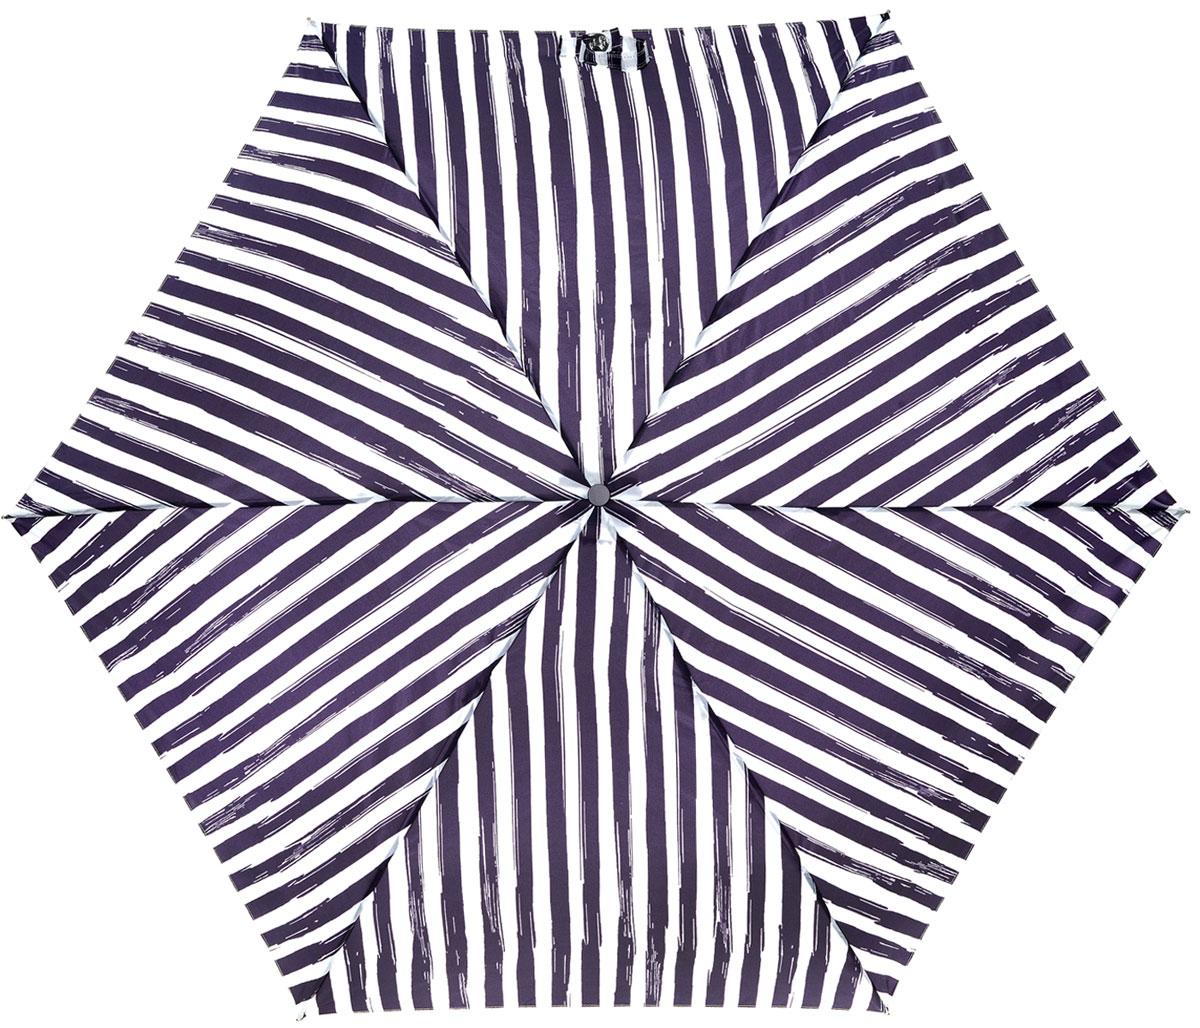 Зонт женский Lulu Guinness Superslim, механический, 3 сложения, цвет: белый, фиолетовый. L718-2786REM12-CAM-GREENBLACKСтильный механический зонт Lulu Guinness Superslim в 3 сложения даже в ненастную погоду позволит вам оставаться элегантной. Облегченный каркас зонта выполнен из 6 спиц из фибергласса и алюминия, стержень также изготовлен из алюминия, удобная рукоятка - из пластика. Купол зонта выполнен из прочного полиэстера. В закрытом виде застегивается хлястиком на кнопке. Яркий оригинальный рисунок в полоску поднимет настроение в дождливый день.Зонт механического сложения: купол открывается и закрывается вручную до характерного щелчка.На рукоятке для удобства есть небольшой шнурок, позволяющий надеть зонт на руку тогда, когда это будет необходимо. К зонту прилагается чехол, который дополнительно застегивается на липучку, с небольшой нашивкой с названием бренда. Такой зонт компактно располагается в кармане, сумочке, дверке автомобиля.